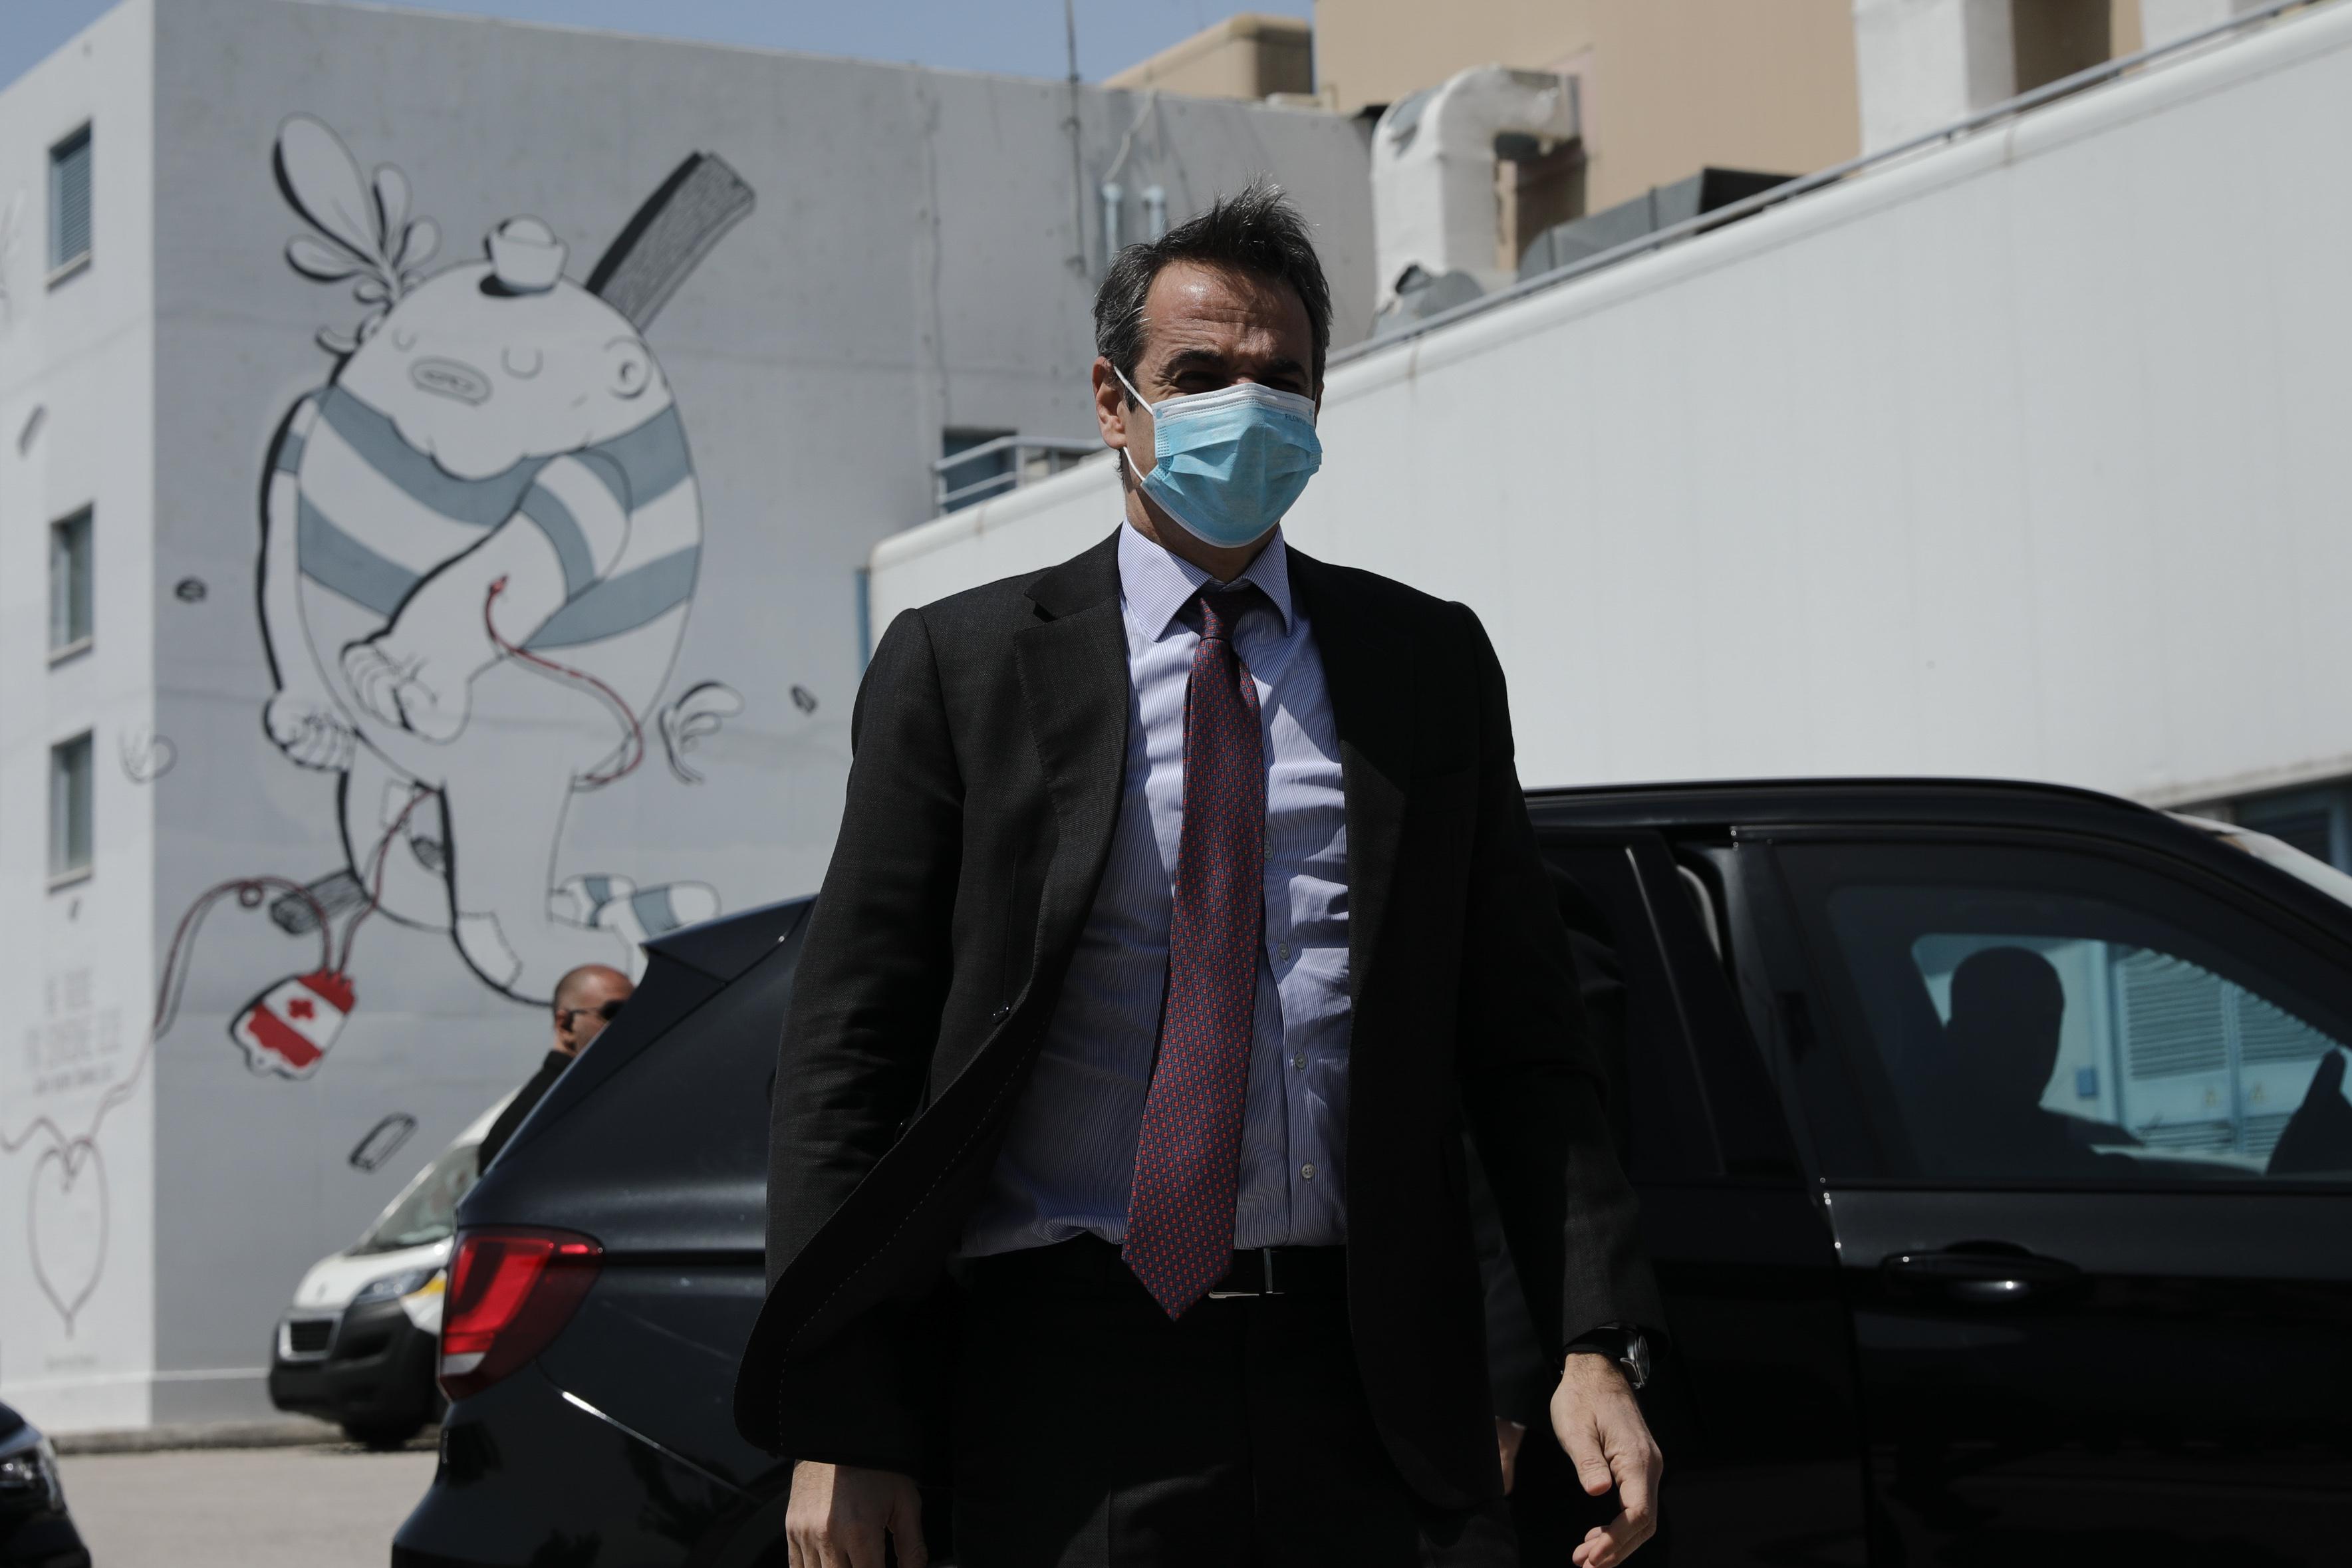 Πώς χρησιμοποιούμε τη μάσκα από σήμερα – Οδηγίες στο βίντεο που ανήρτησε ο πρωθυπουργός